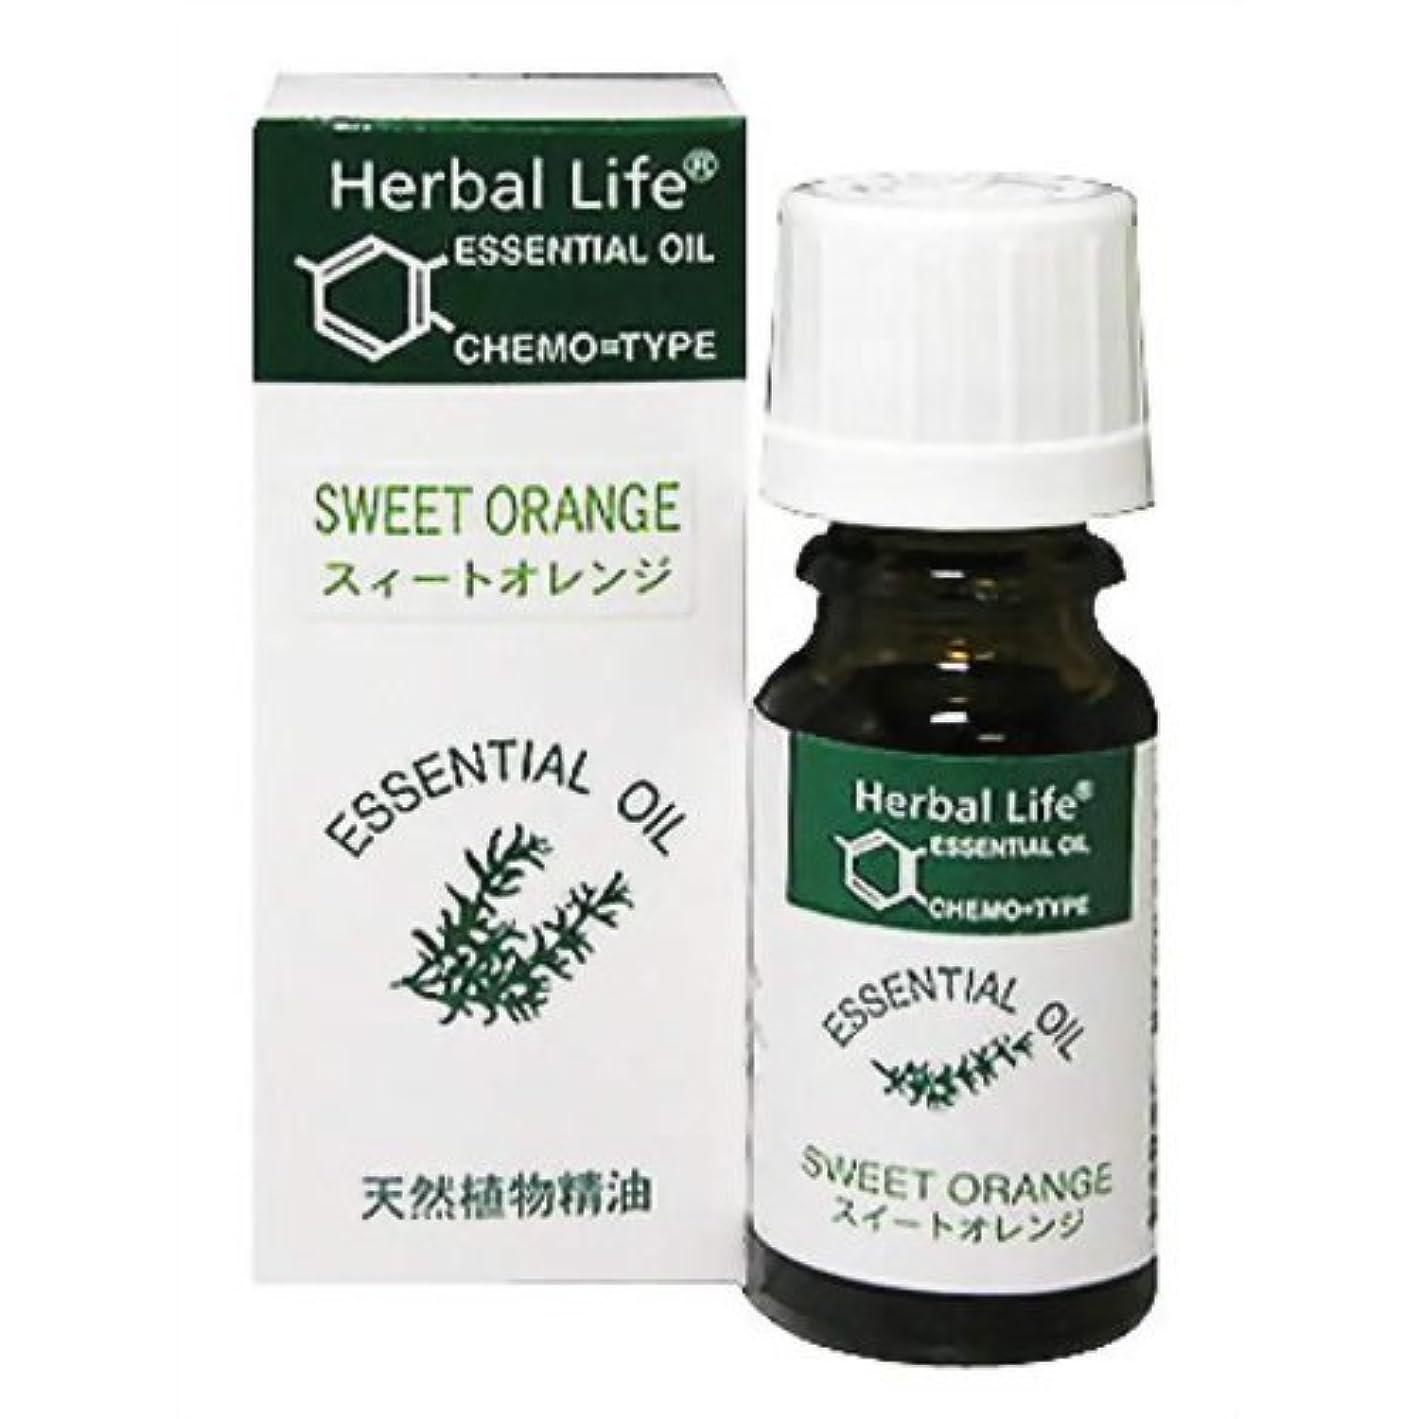 カプラー練習電卓生活の木 Herbal Life スィートオレンジ 10ml